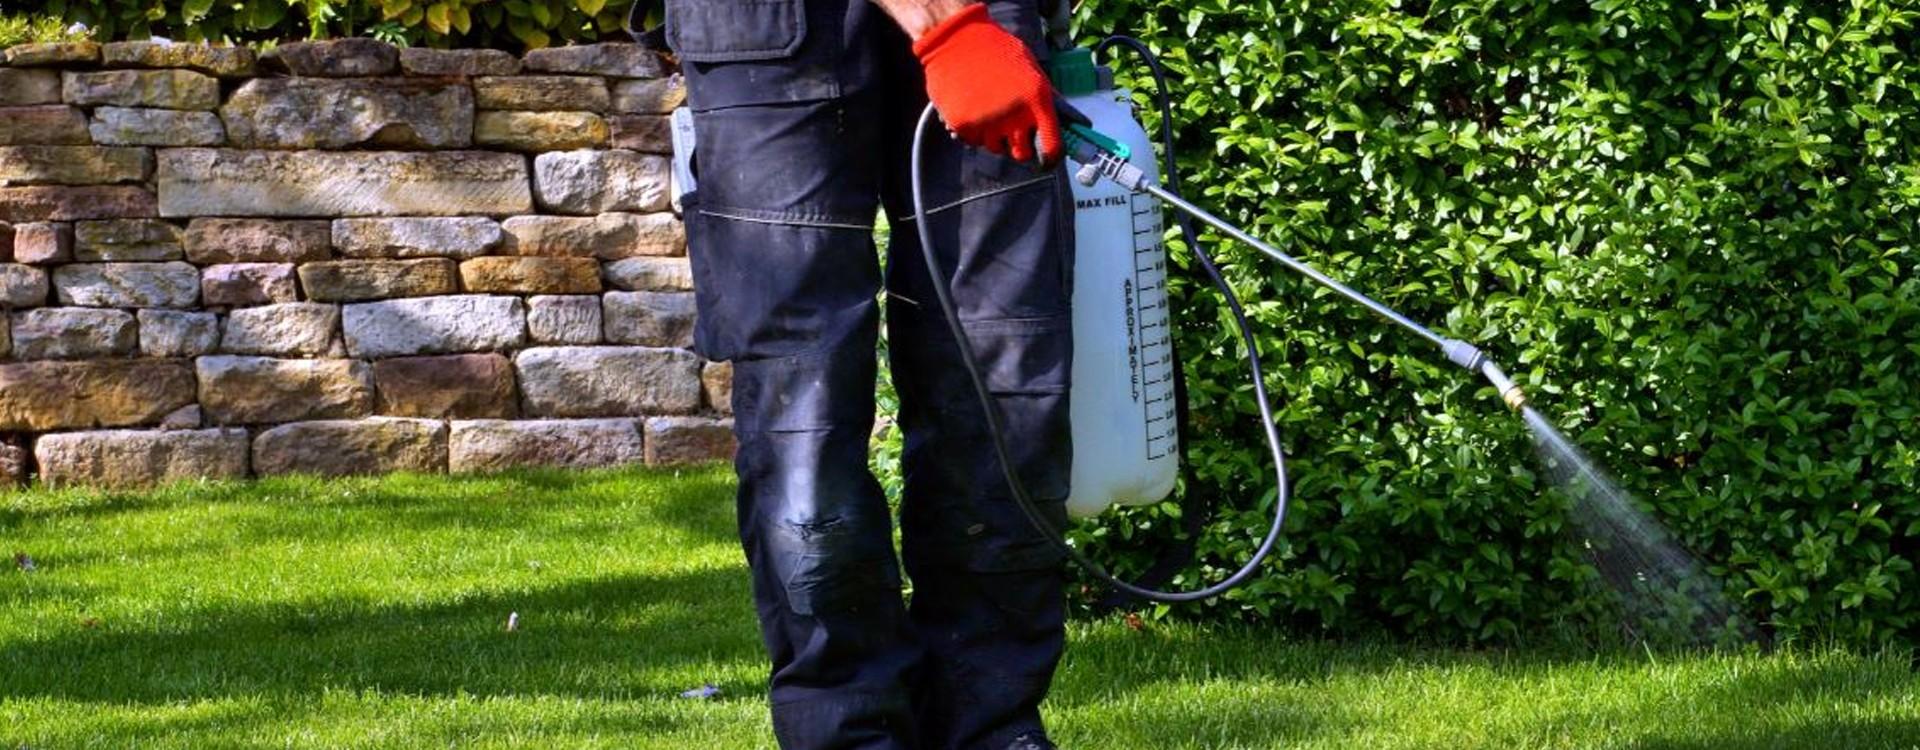 Achat pulvérisateur électrique pas cher : ce qu'il faut connaître pour bien choisir